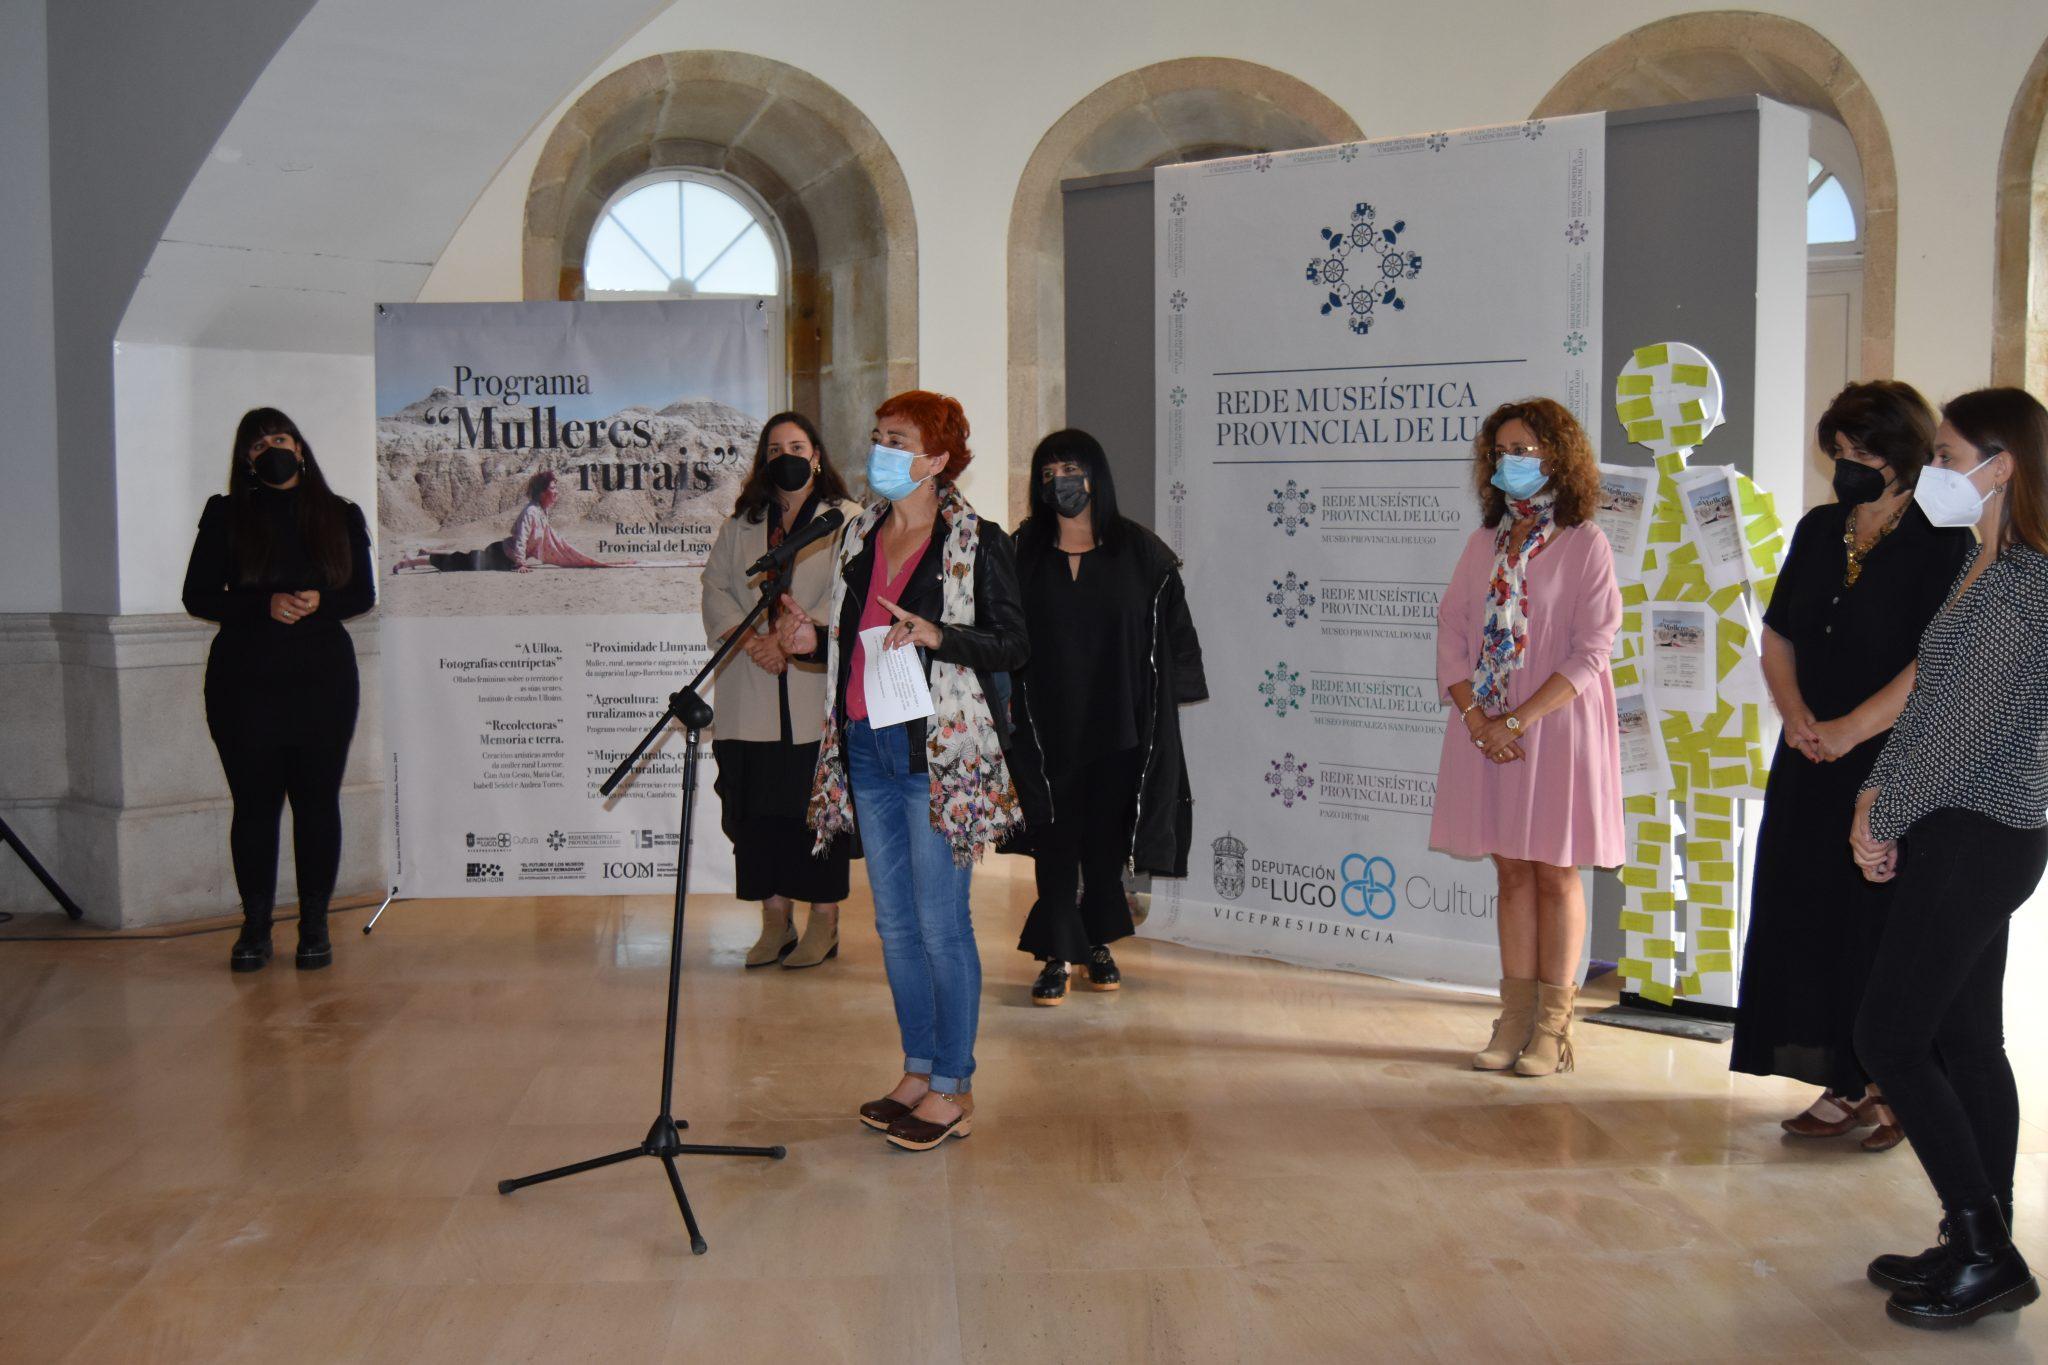 Presentacion programa Mulleres Rurais, Deputación Lugo